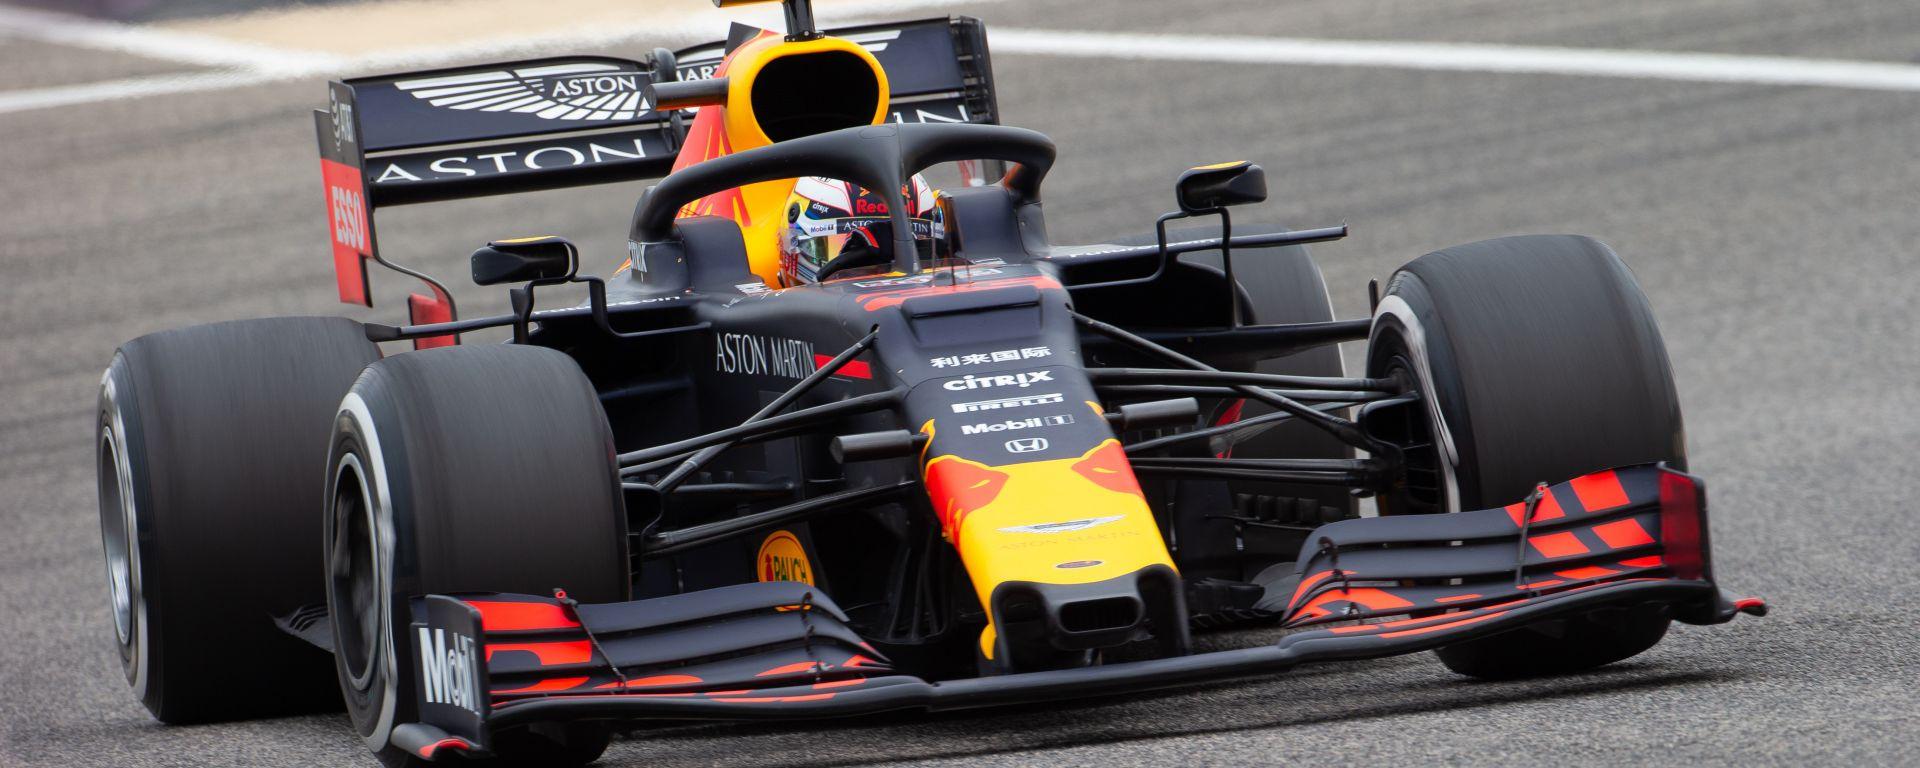 Max Verstappen ha chiuso davanti a tutti la prima sessione di test F1 in Bahrain